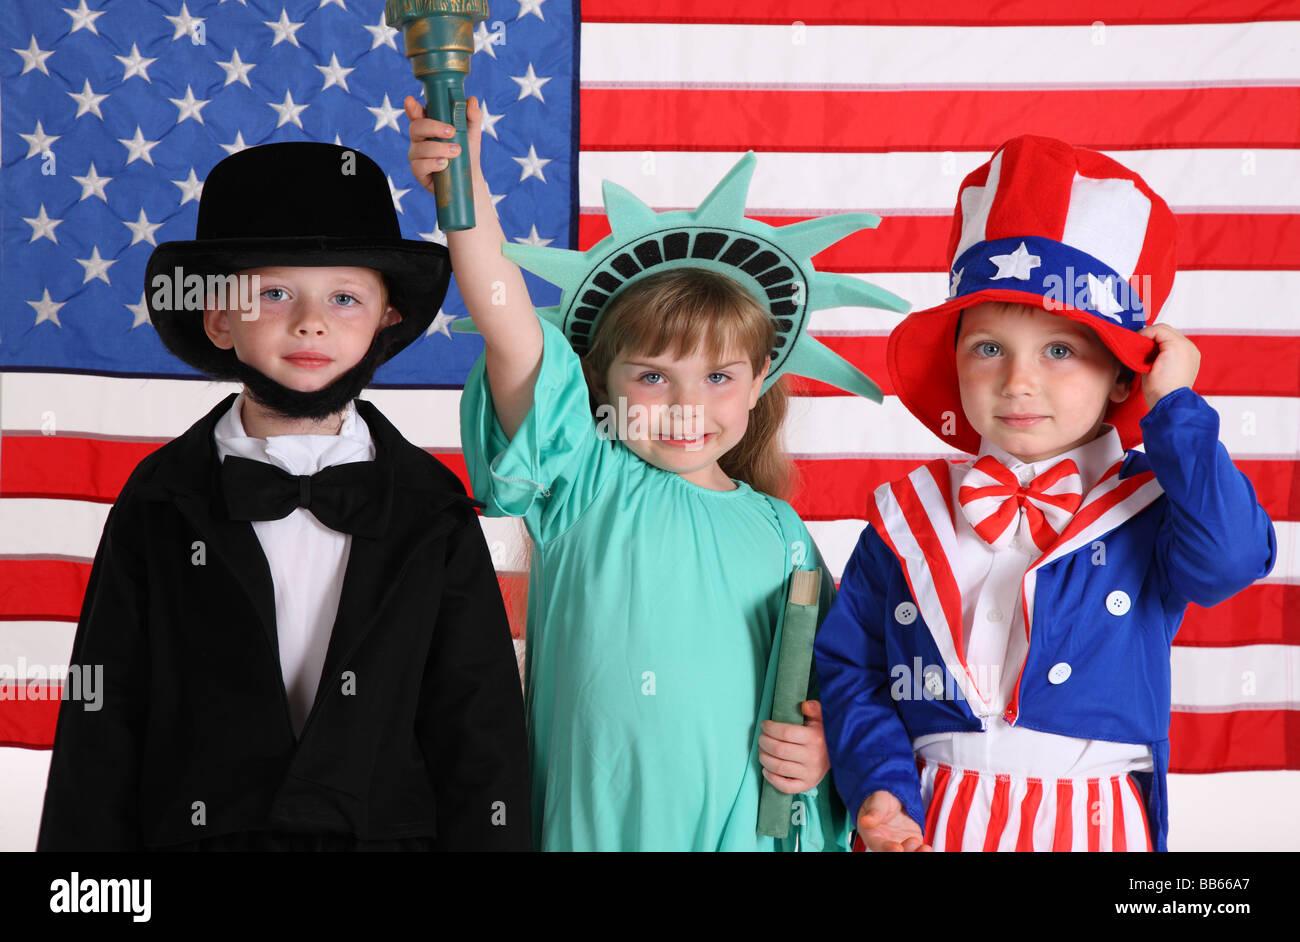 Los niños vestidos con trajes patriótico Imagen De Stock